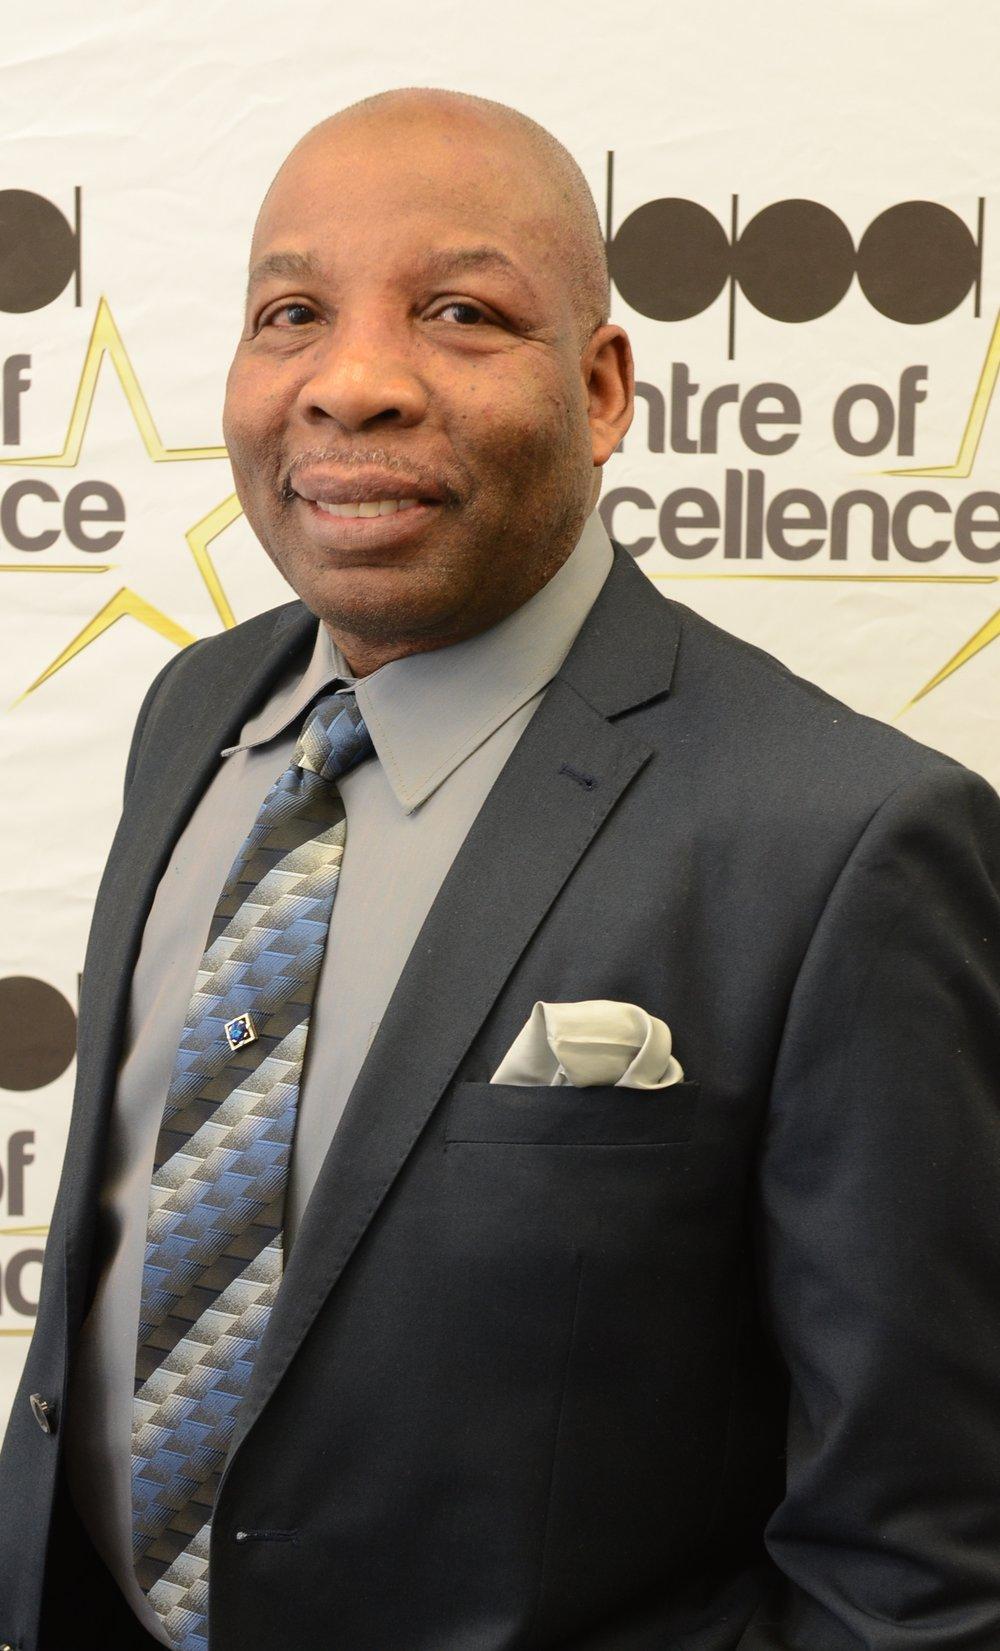 Dr. Leroy Clarke